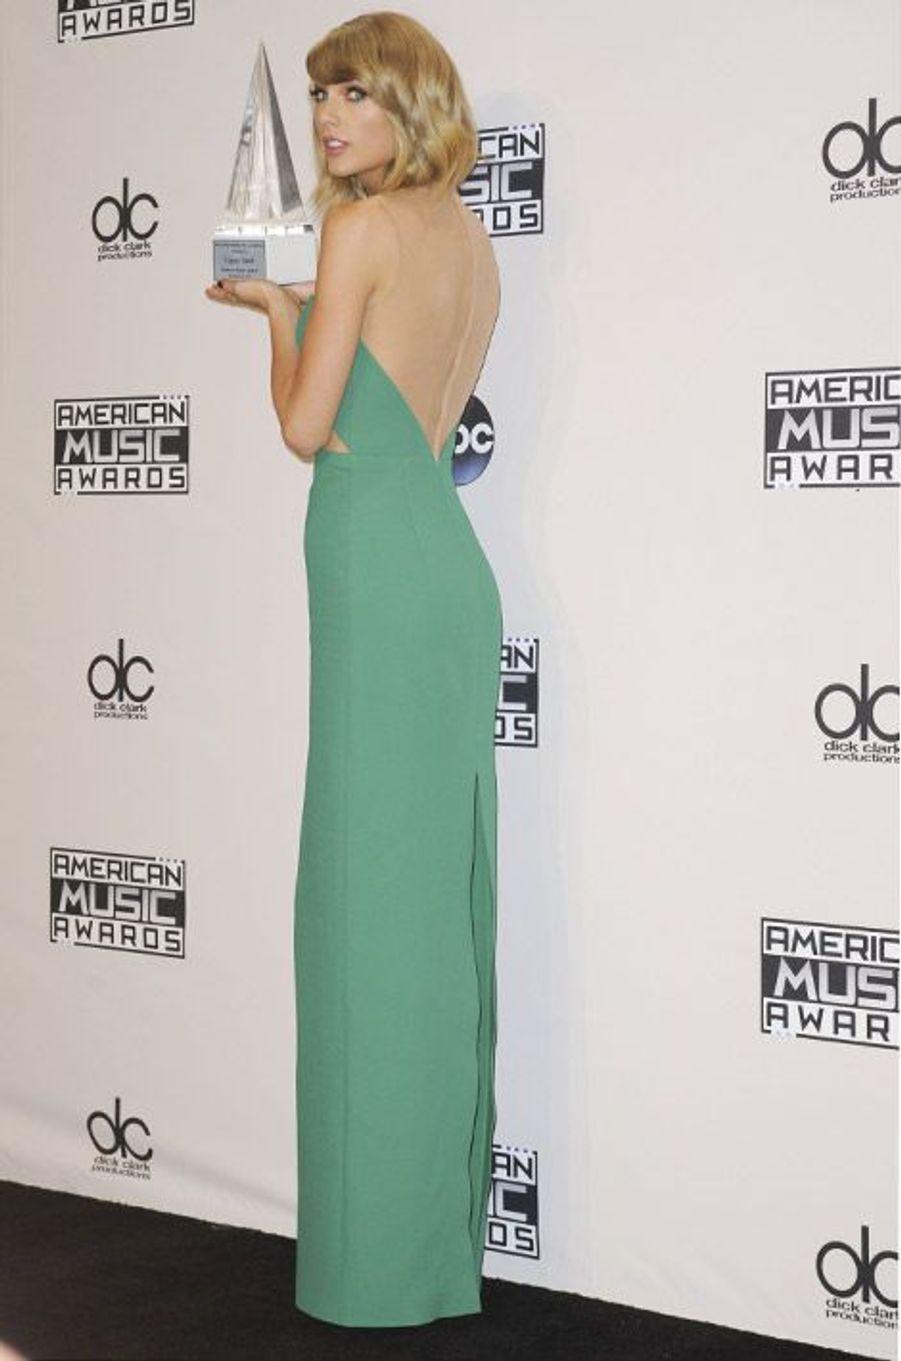 La chanteuse Tayloe Swift en Michael Kors lors de la cérémonie des American Music Awards à Los Angeles, le 23 novembre 2014